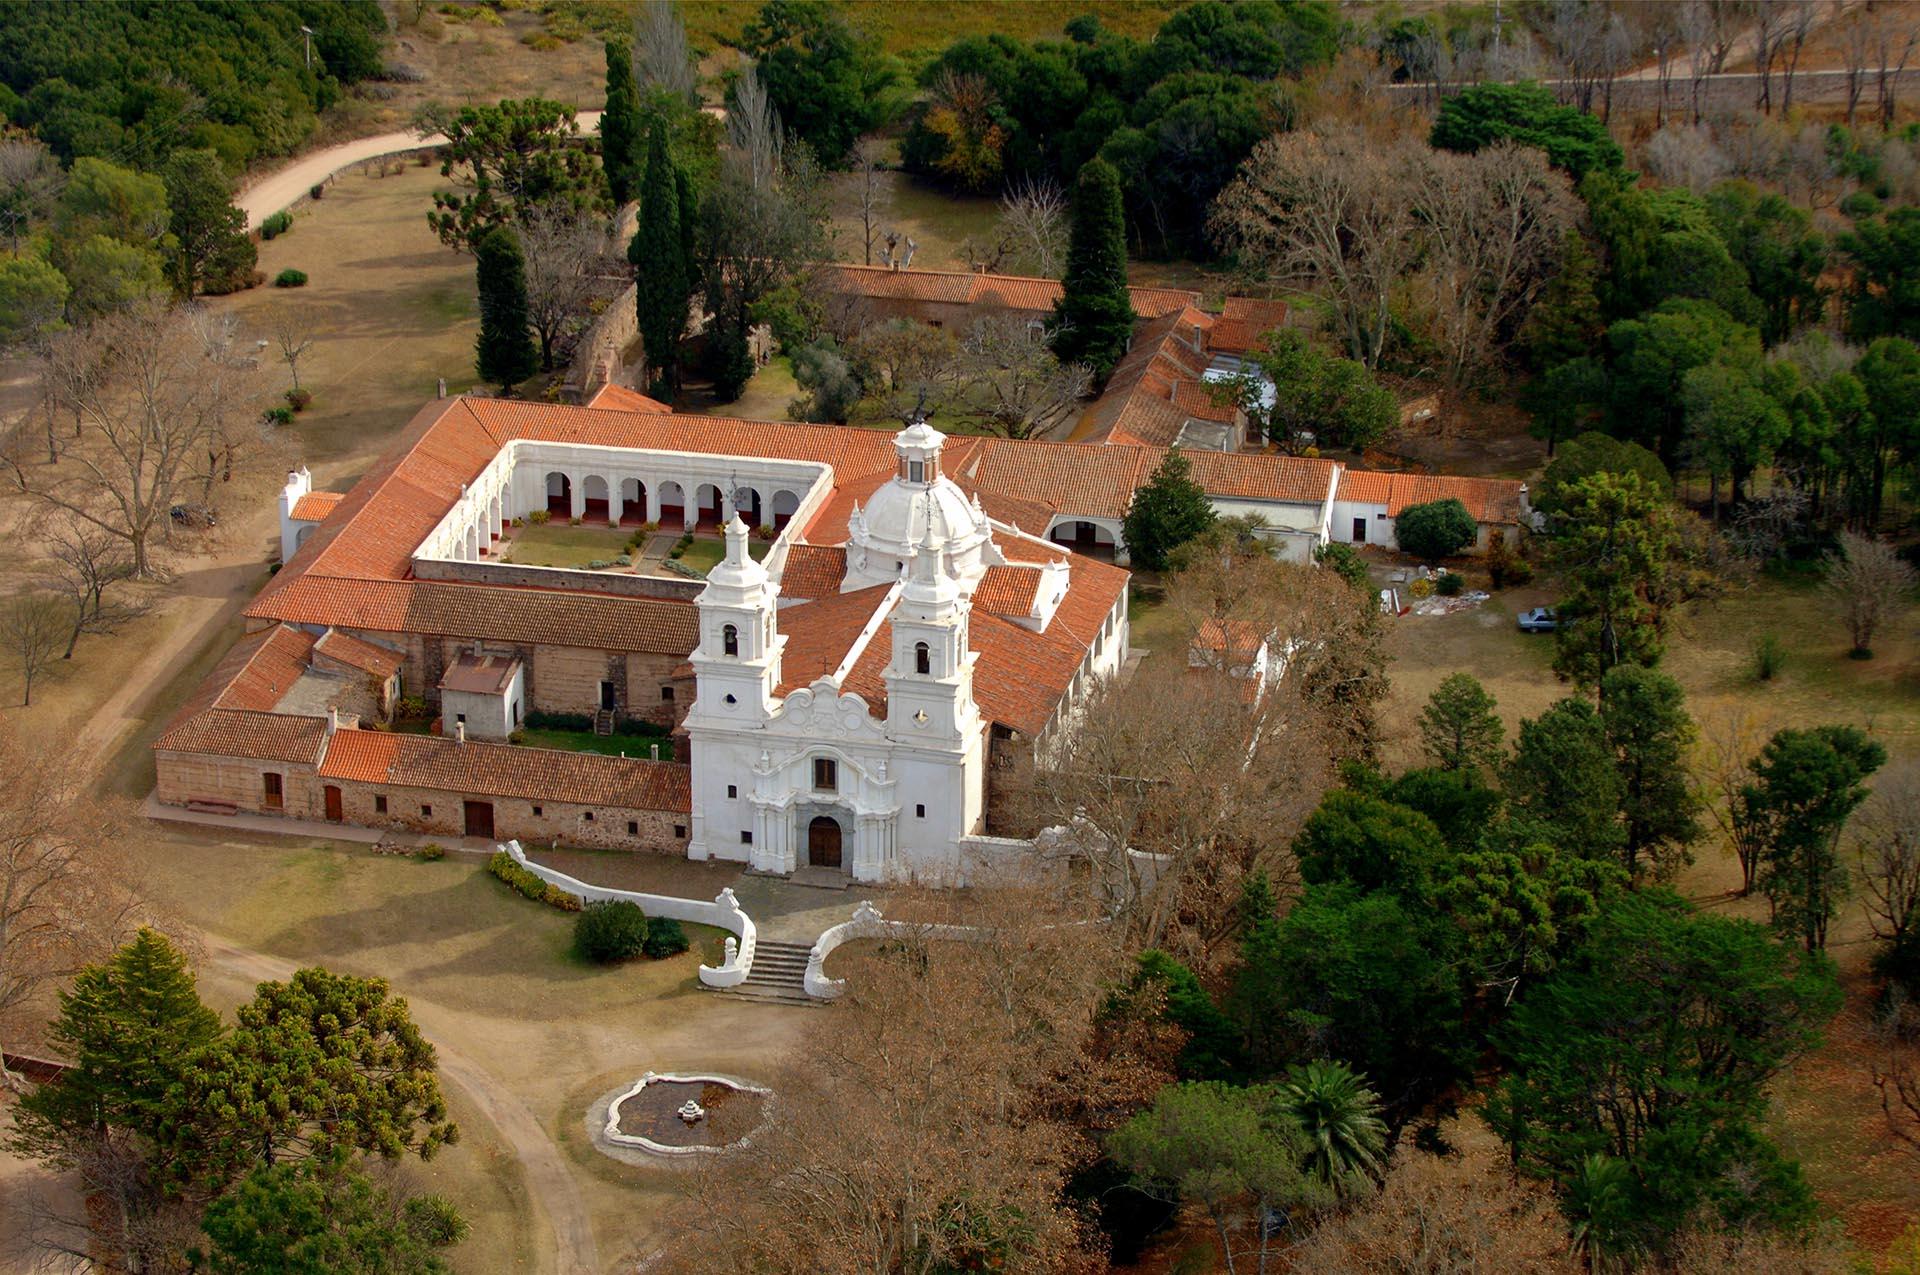 La Manzana Jesuítica, en Córdoba Capital, es el punto de partida para conocer el legado jesuita en la provincia. Se puede recorrer el centro histórico y las estancias, conjunto declarado Patrimonio Mundia. A 20 kilómetros de la ciudad se encuentra la estancia Santa Catalina (en la foto), con un marco natural alucinante.